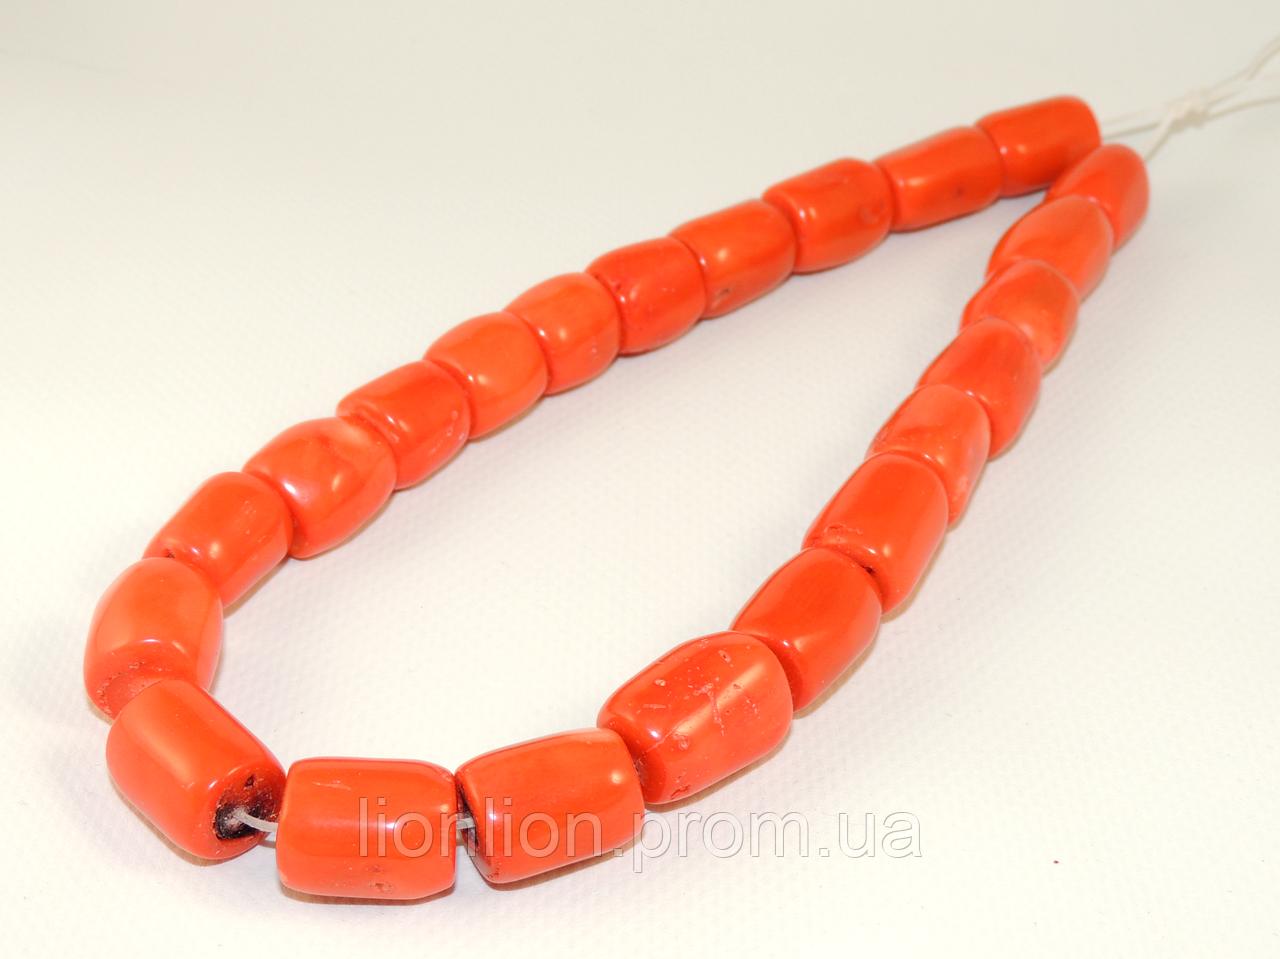 Заготовка из оранжевого коралла,крупные куски